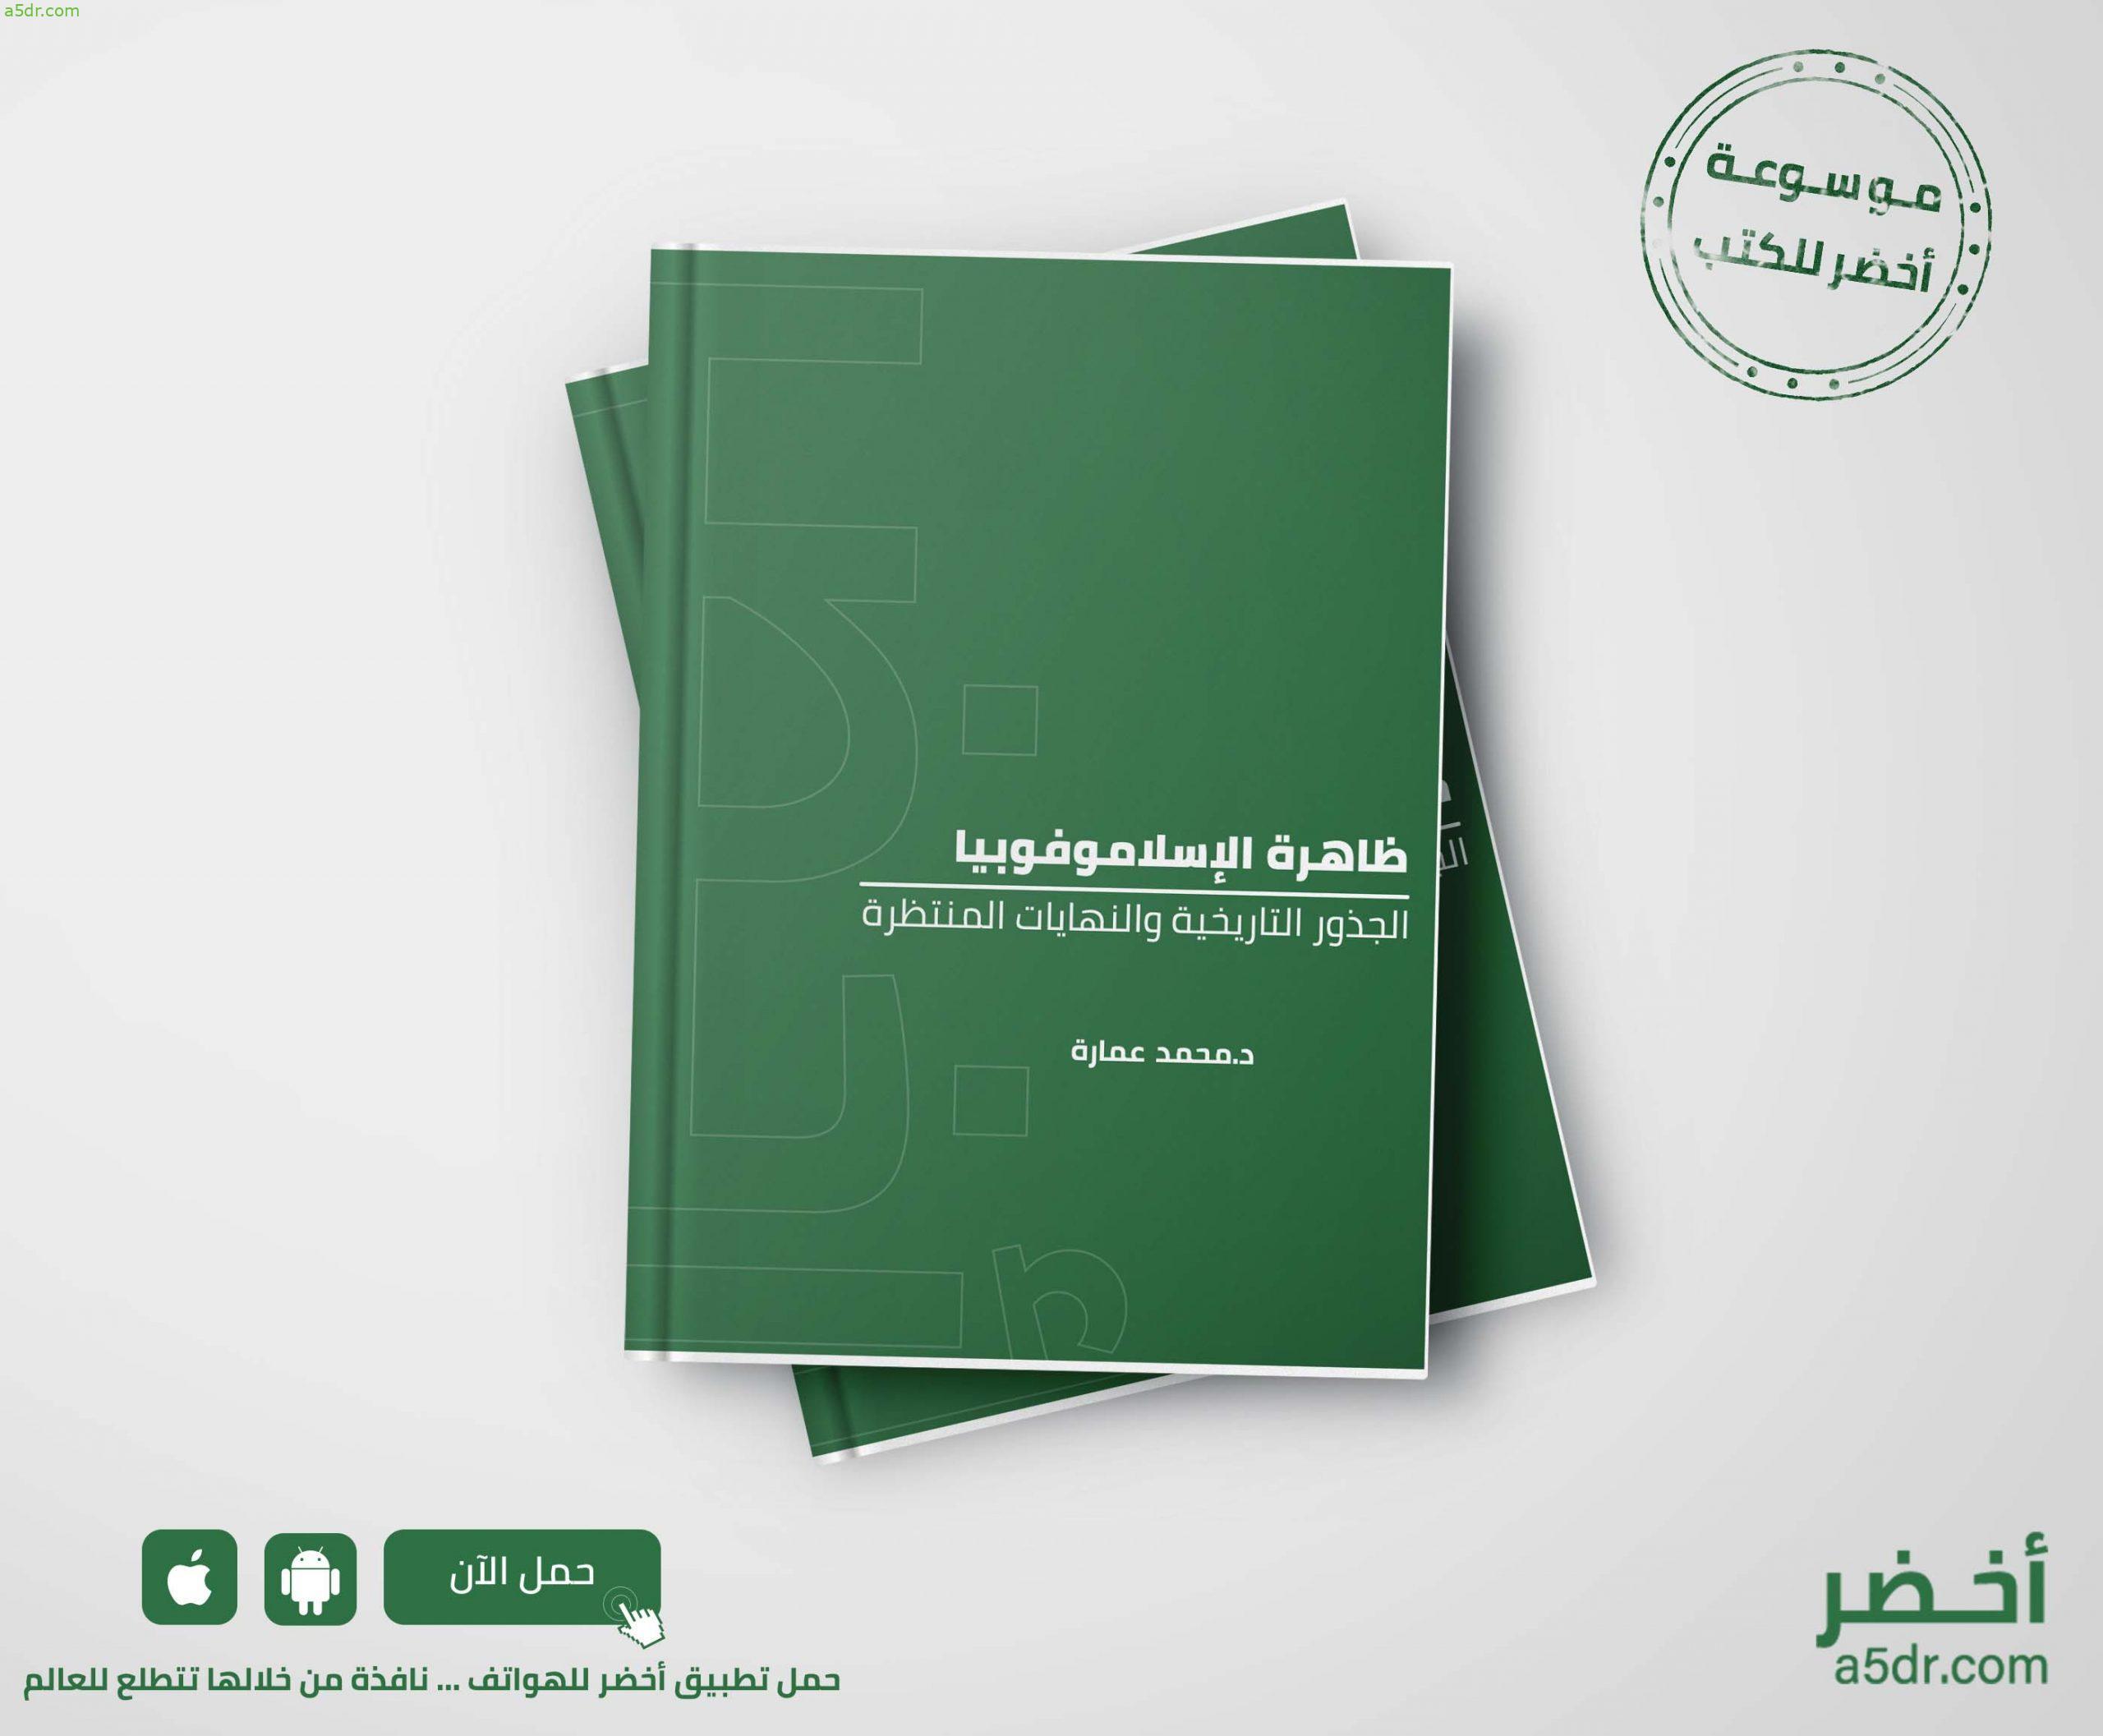 كتاب ظاهرة الإسلاموفوبيا الجذور التاريخية والنهايات المنتظرة - محمد عمارة